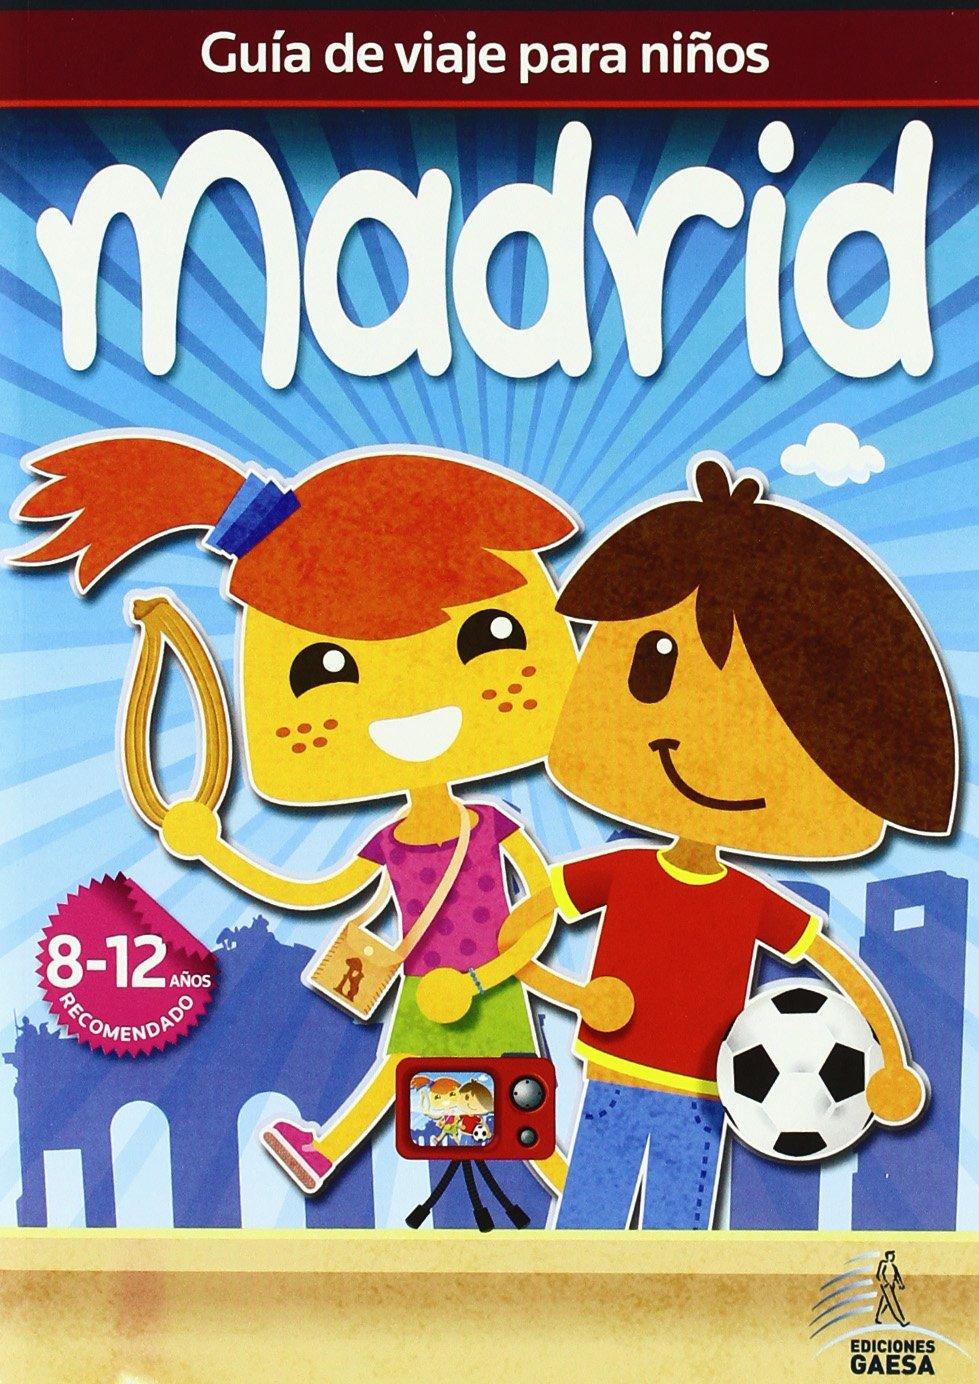 Madrid (Guias de viajes para ninos / Travel Guides for Children) (Spanish Edition) PDF